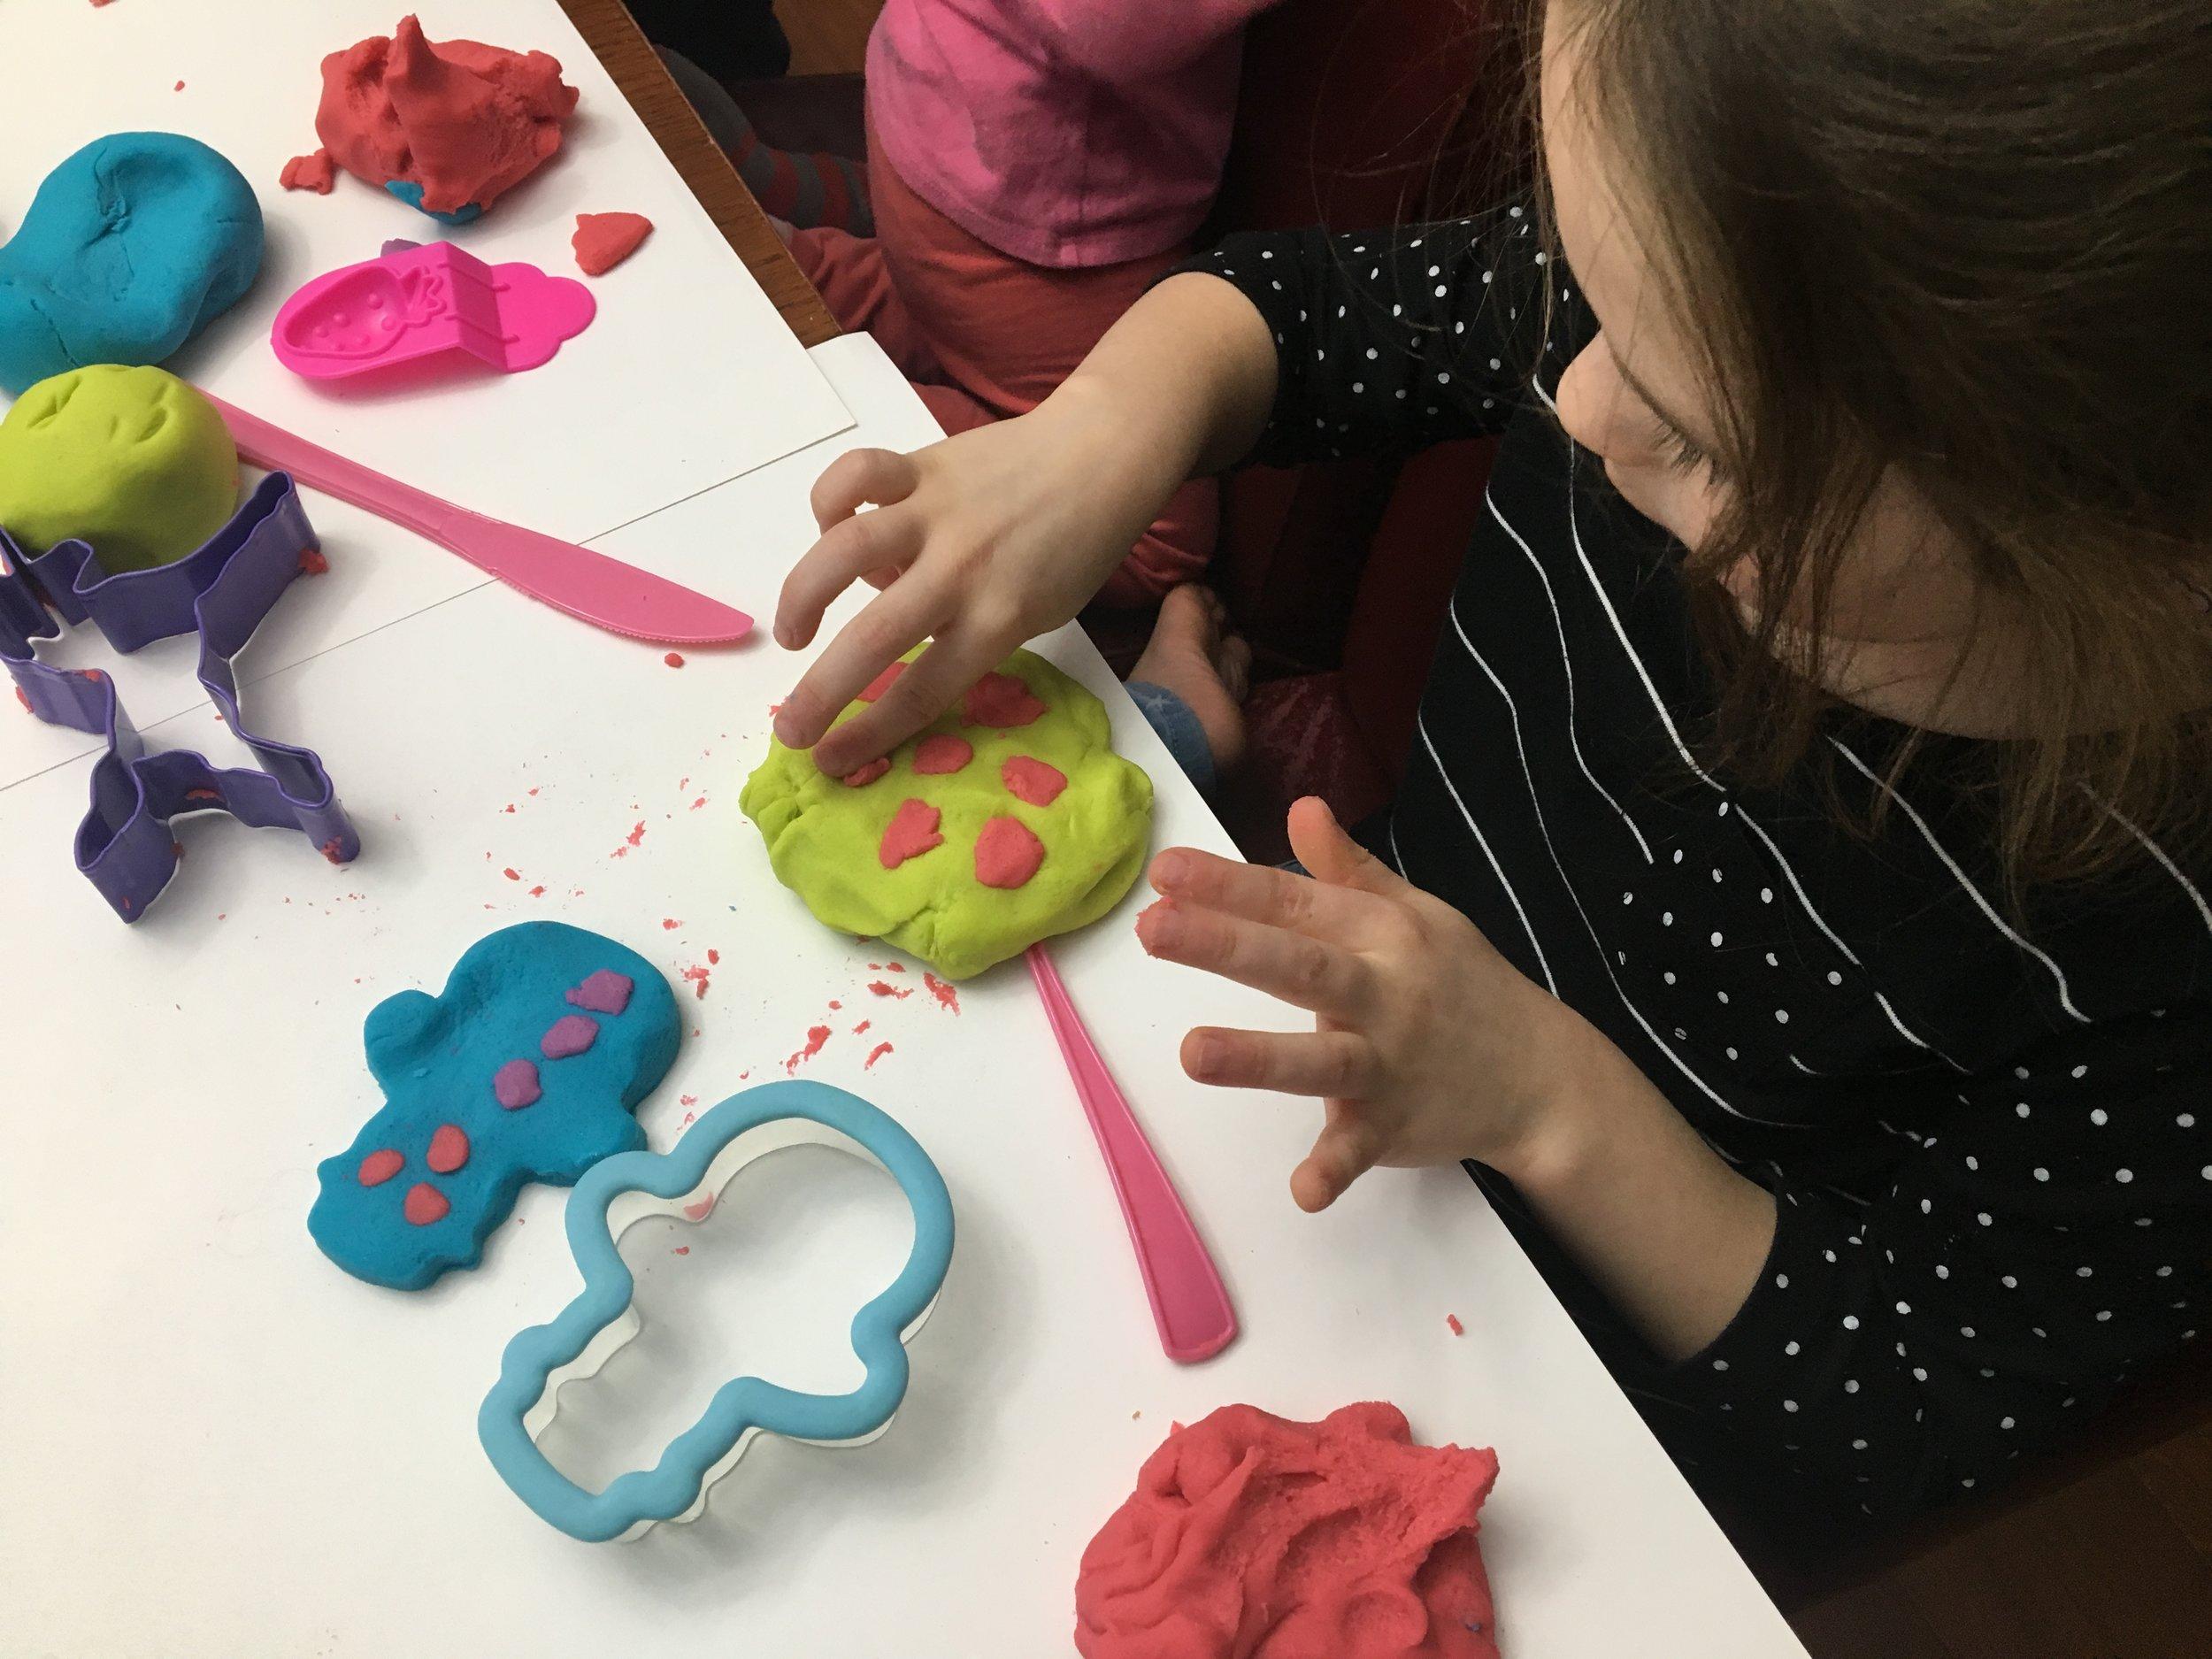 pâte à modeler maison classique-recette de pâte à modeler-DIY-Faire sa pâte à modeler-ingrédients sûrs-#MamanBricole-Maman Bricole-manipuler-enfants-bébé-Maman-Je suis une maman